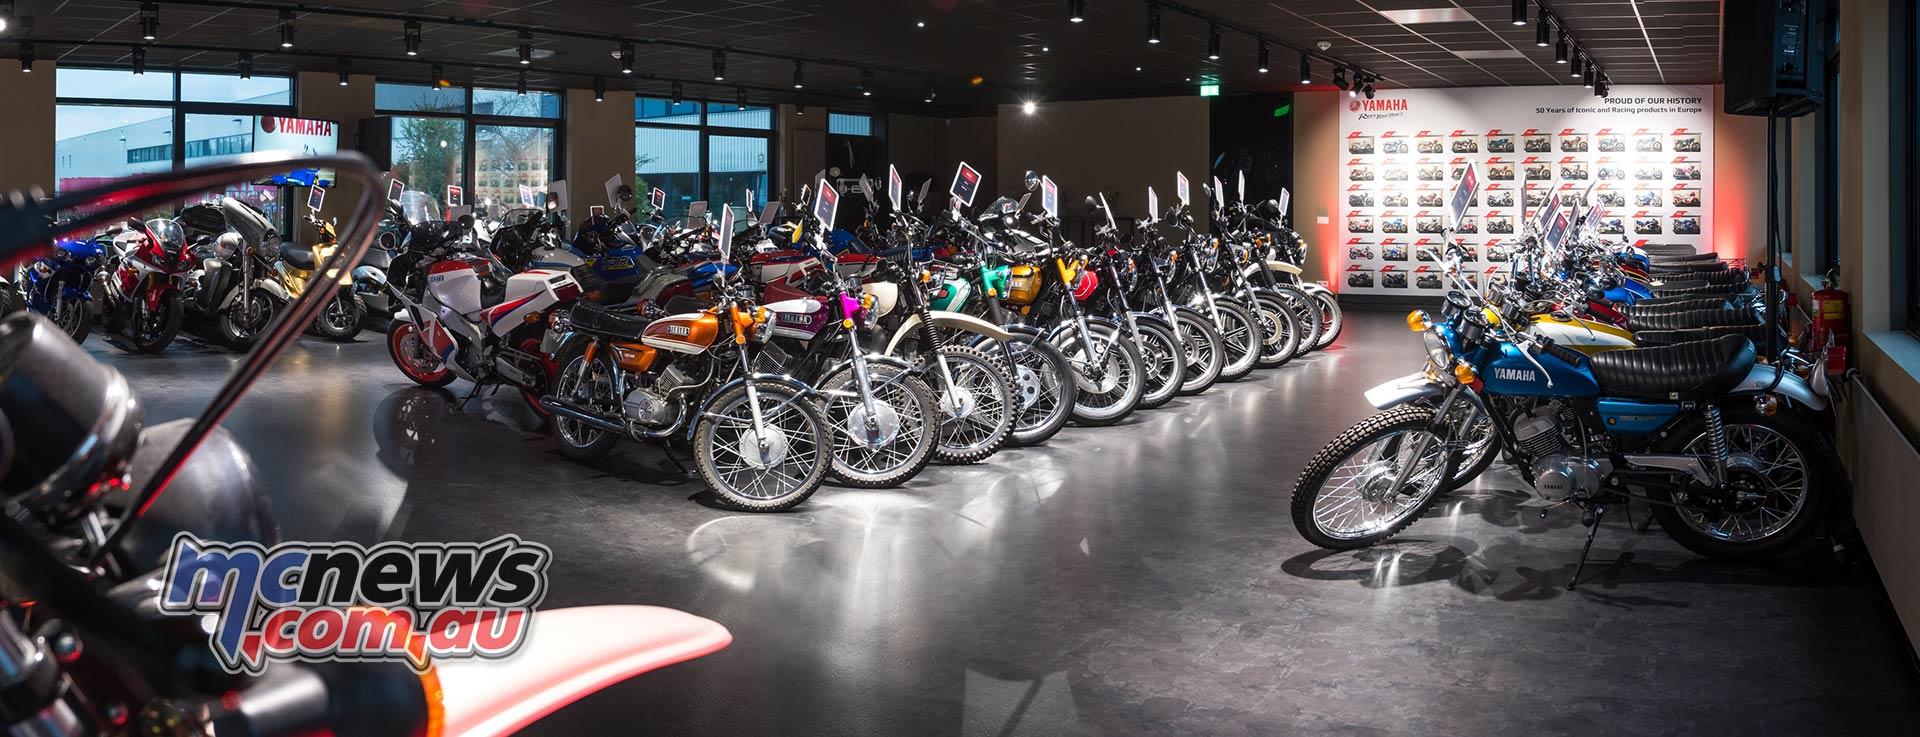 Yamaha Europe Collection Hall